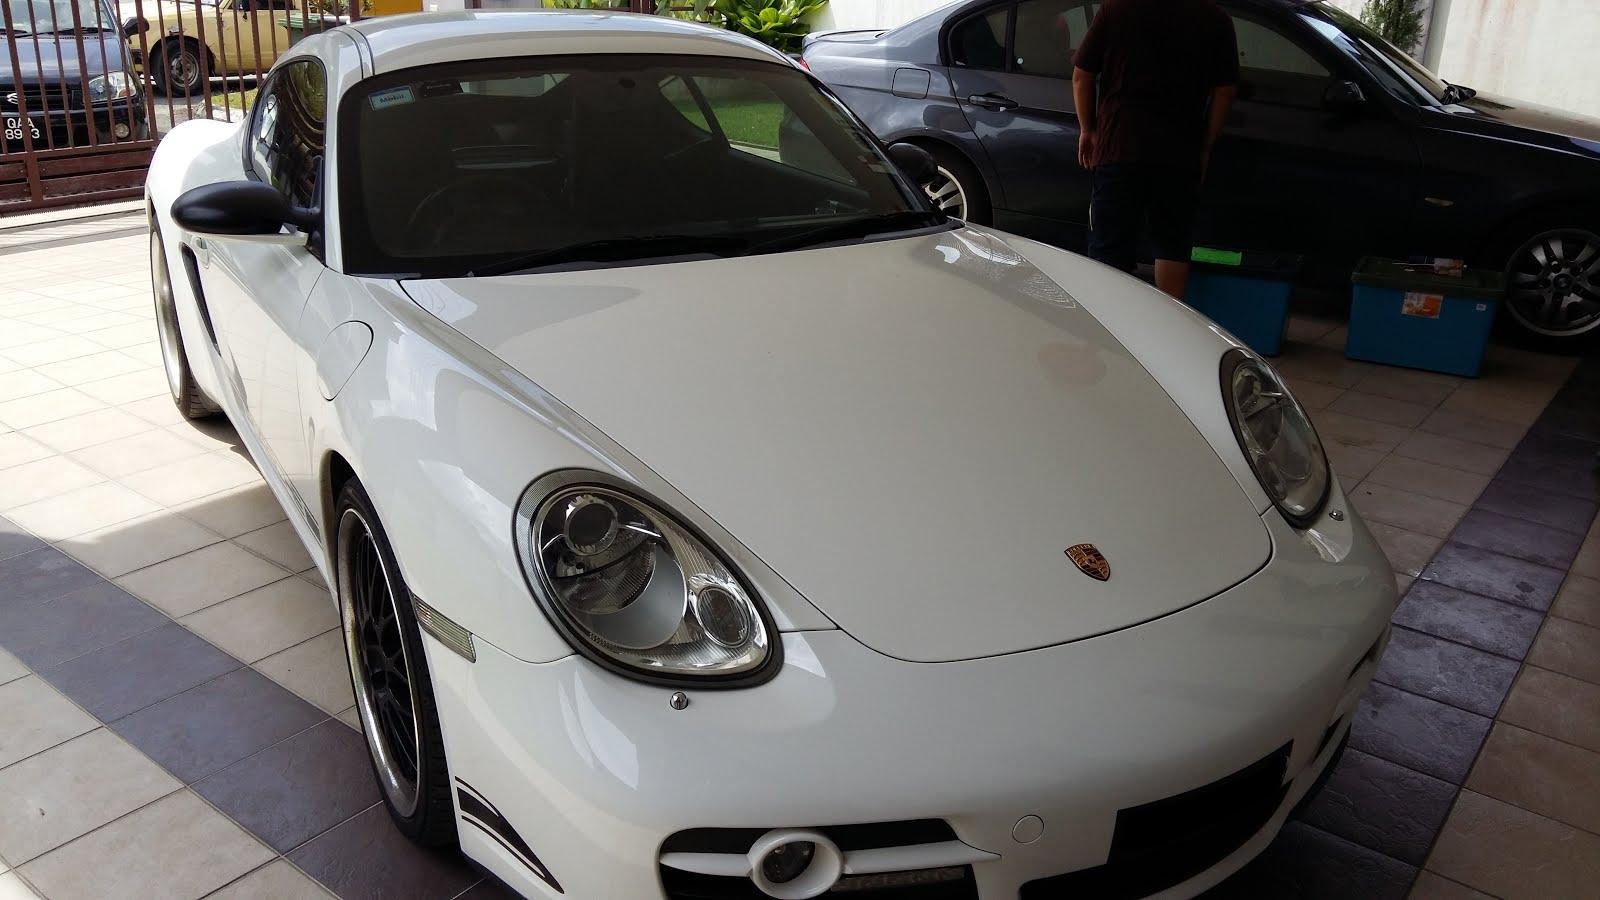 Car sticker design kuching - Front View Of The Porsche Cayman